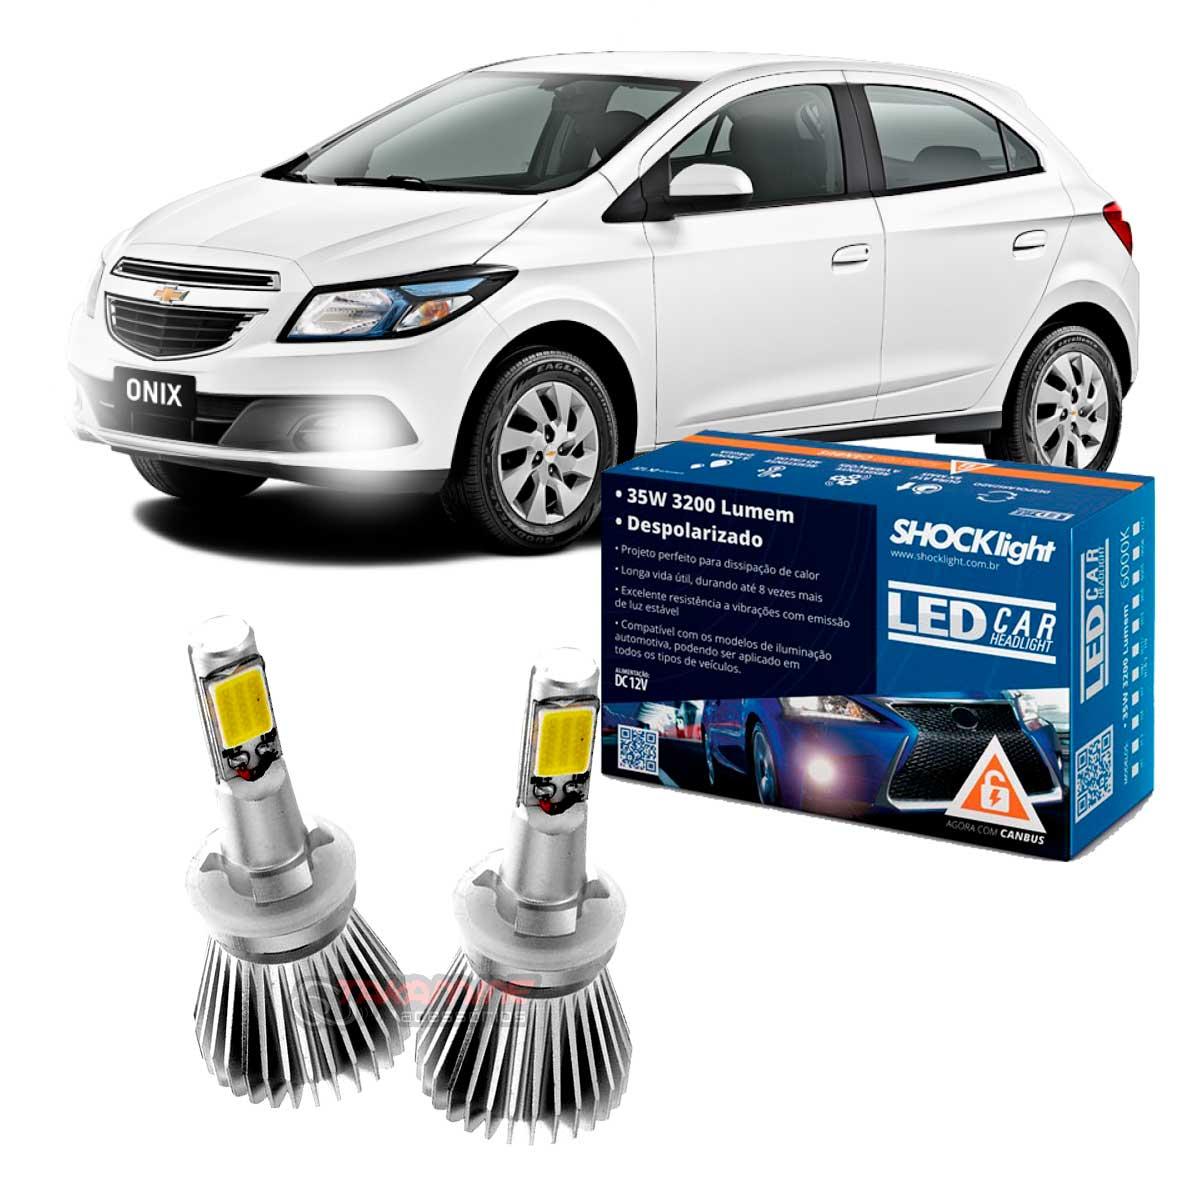 Kit LED tipo xenon Onix 2012 até 2020 farol milha H27 35W Headlight